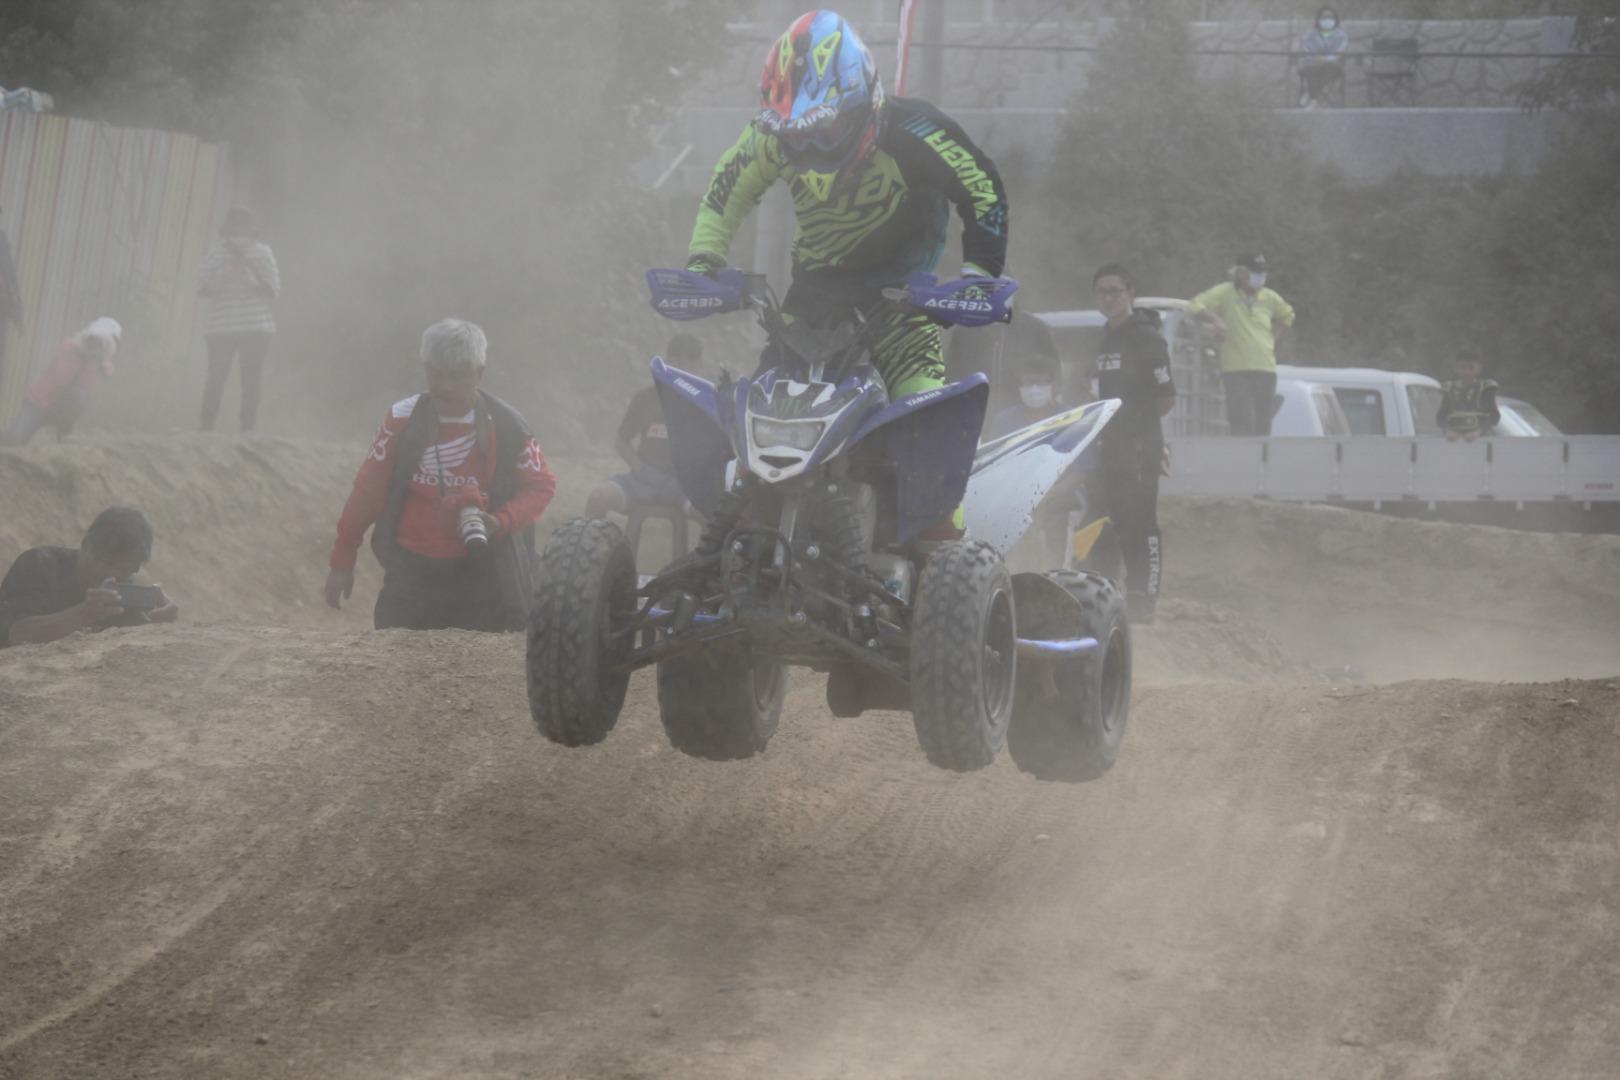 Kenda Tires | 摩托車/ATV | 2020年第二屆建大盃全國兒童越野摩托推廣賽